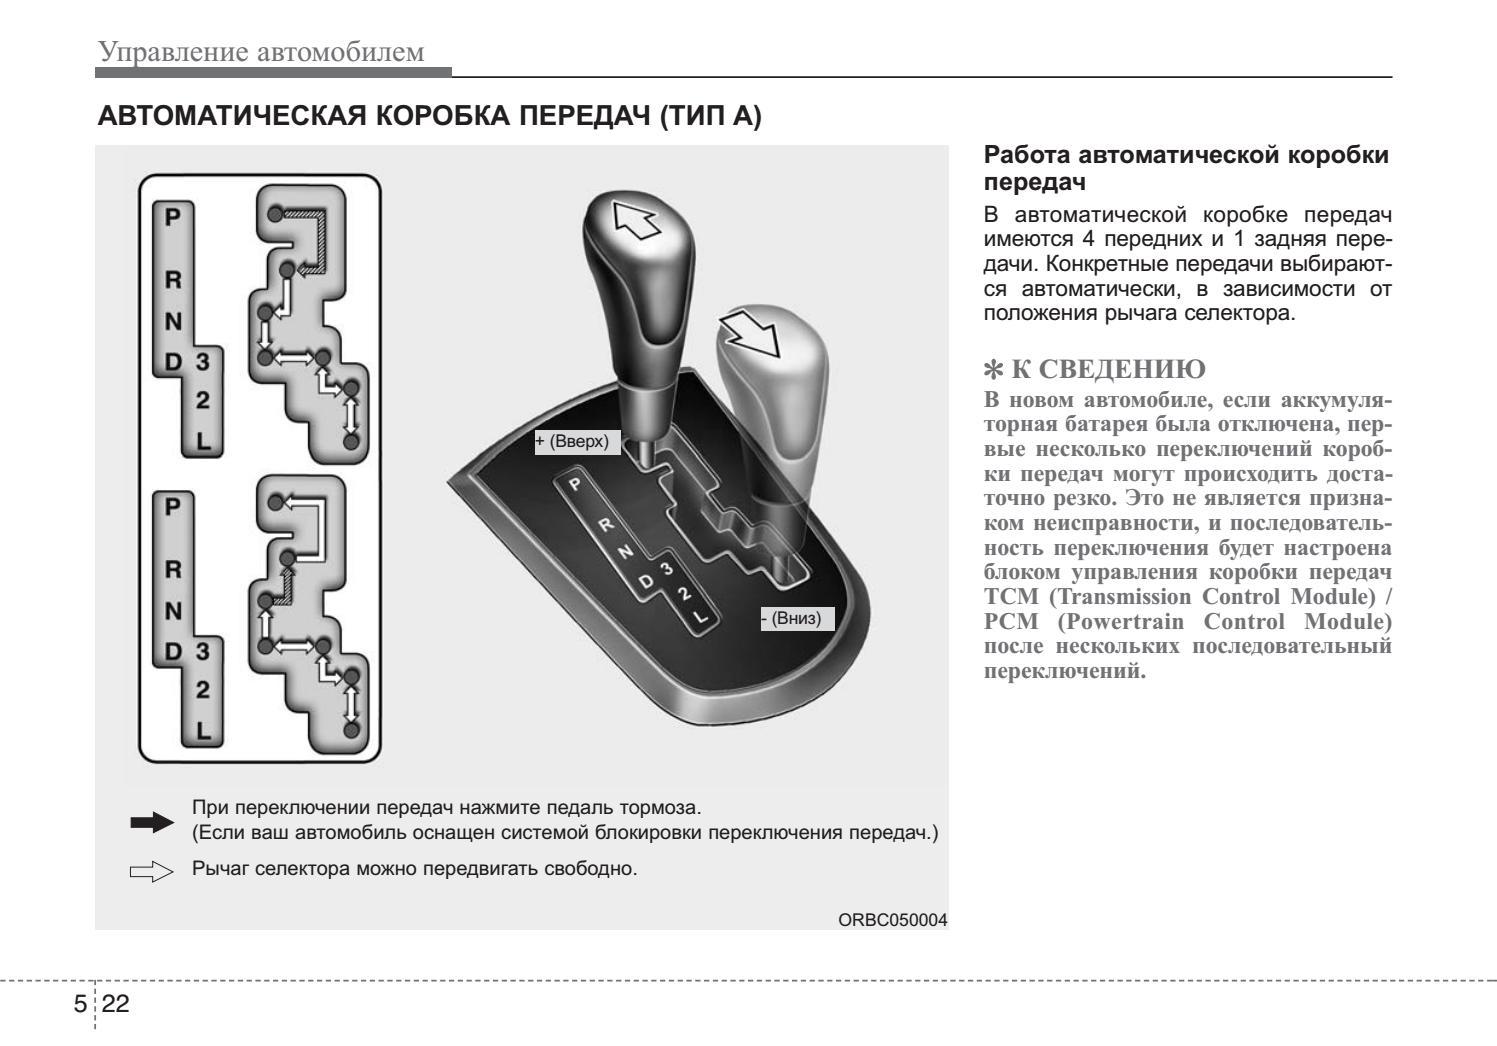 Обозначение коробки передач автомат в картинках